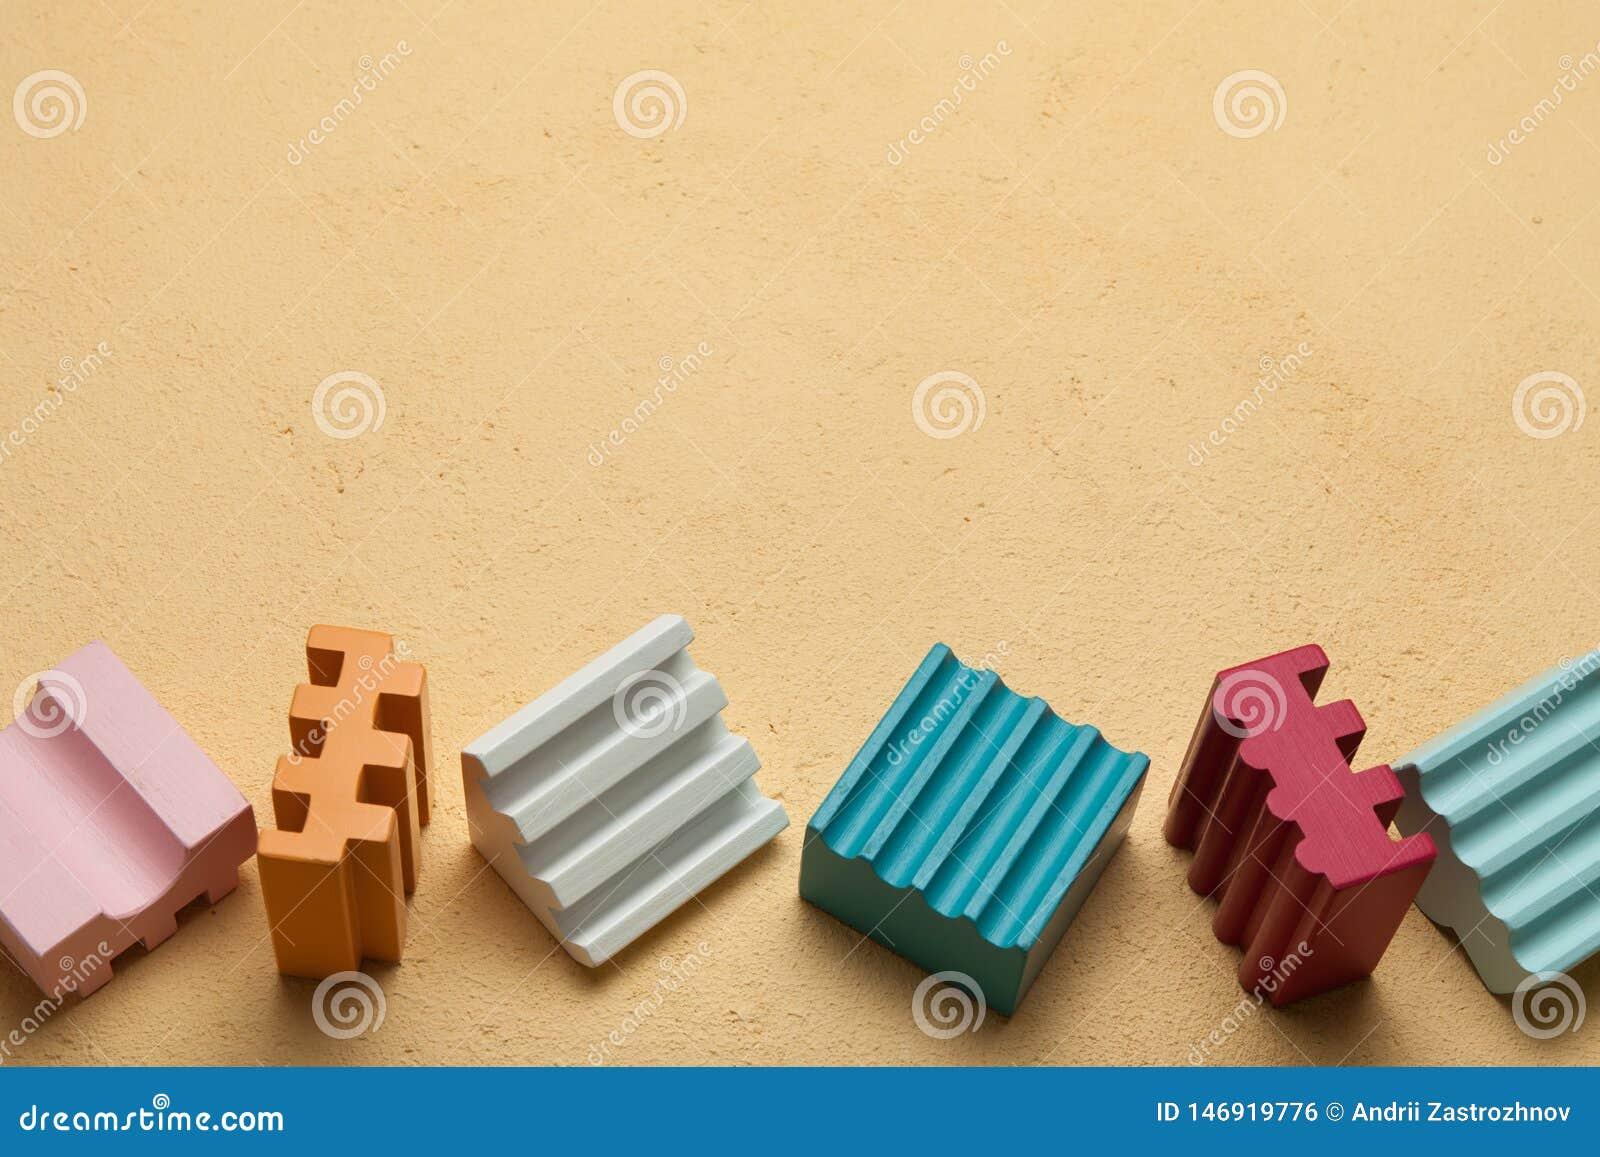 Los bloques de los niños con los cubos coloridos, espacio vacío para el texto